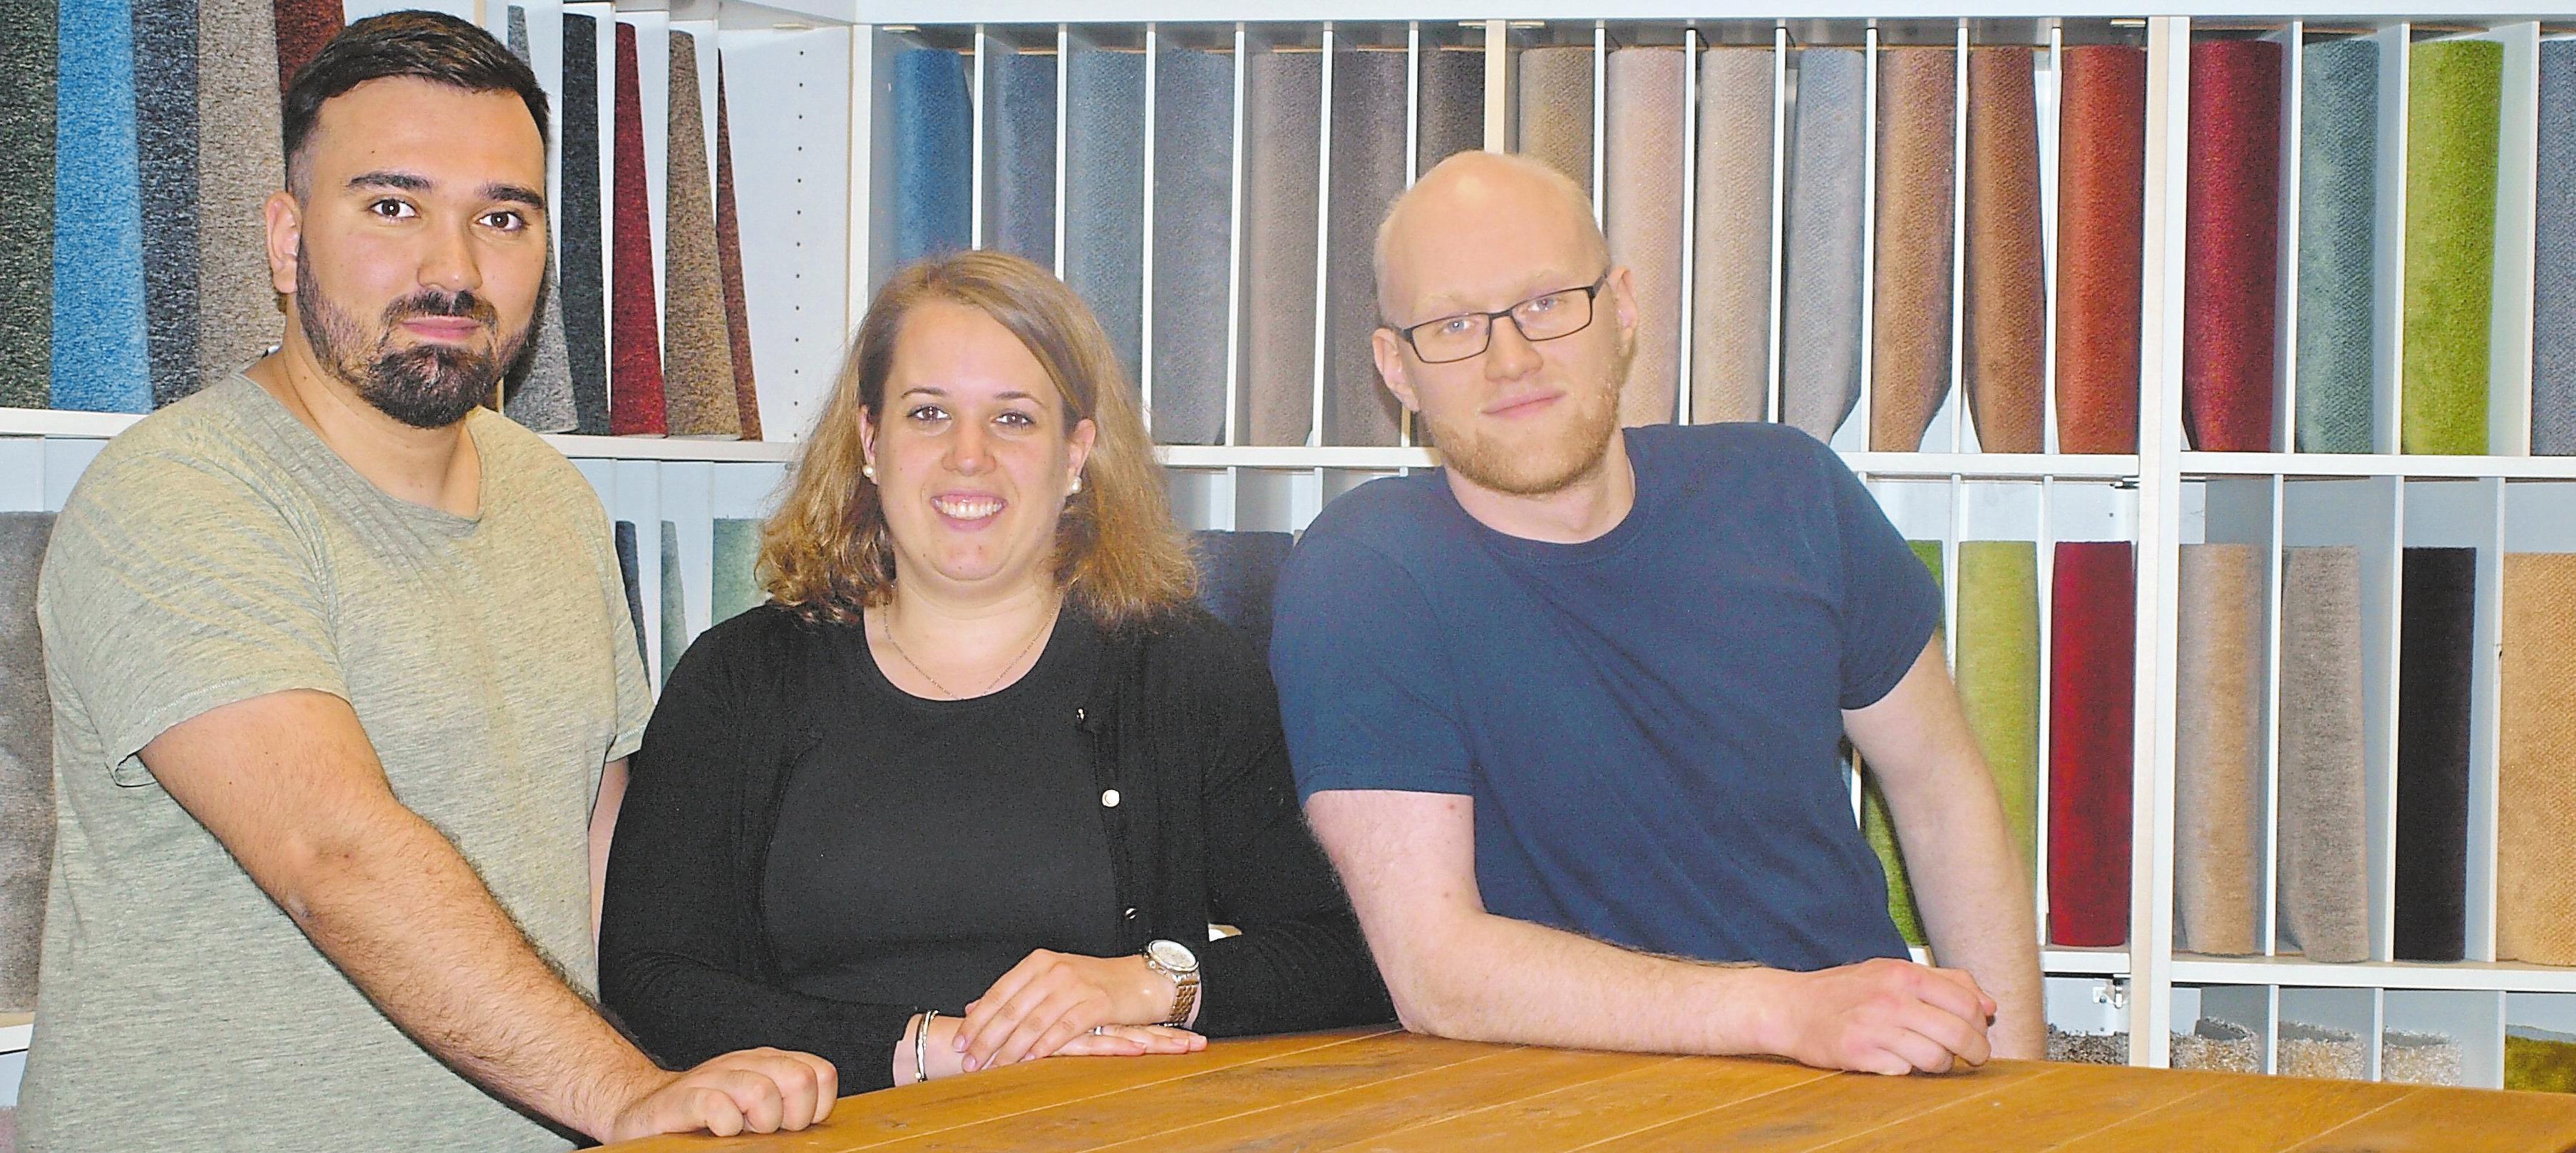 Serkan Kir, Vanessa Beier und Nico Pikrun (v.l.) sind in der Firma Scholdra für den Einkauf, den Verkauf und die Buchhaltung zuständig.